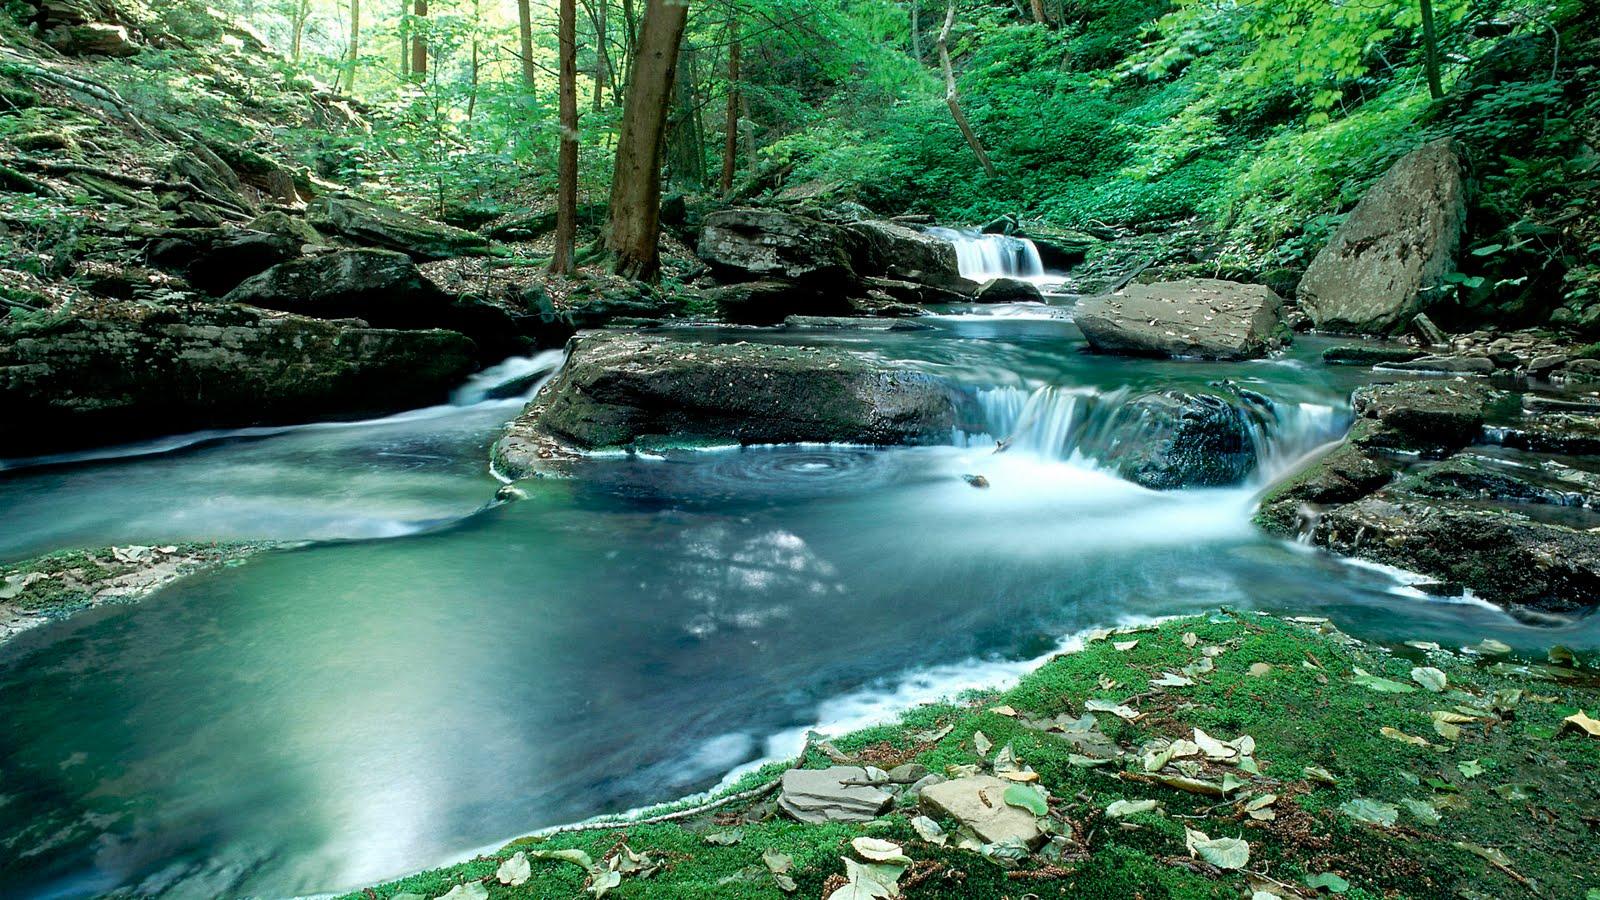 Desktop background images of nature